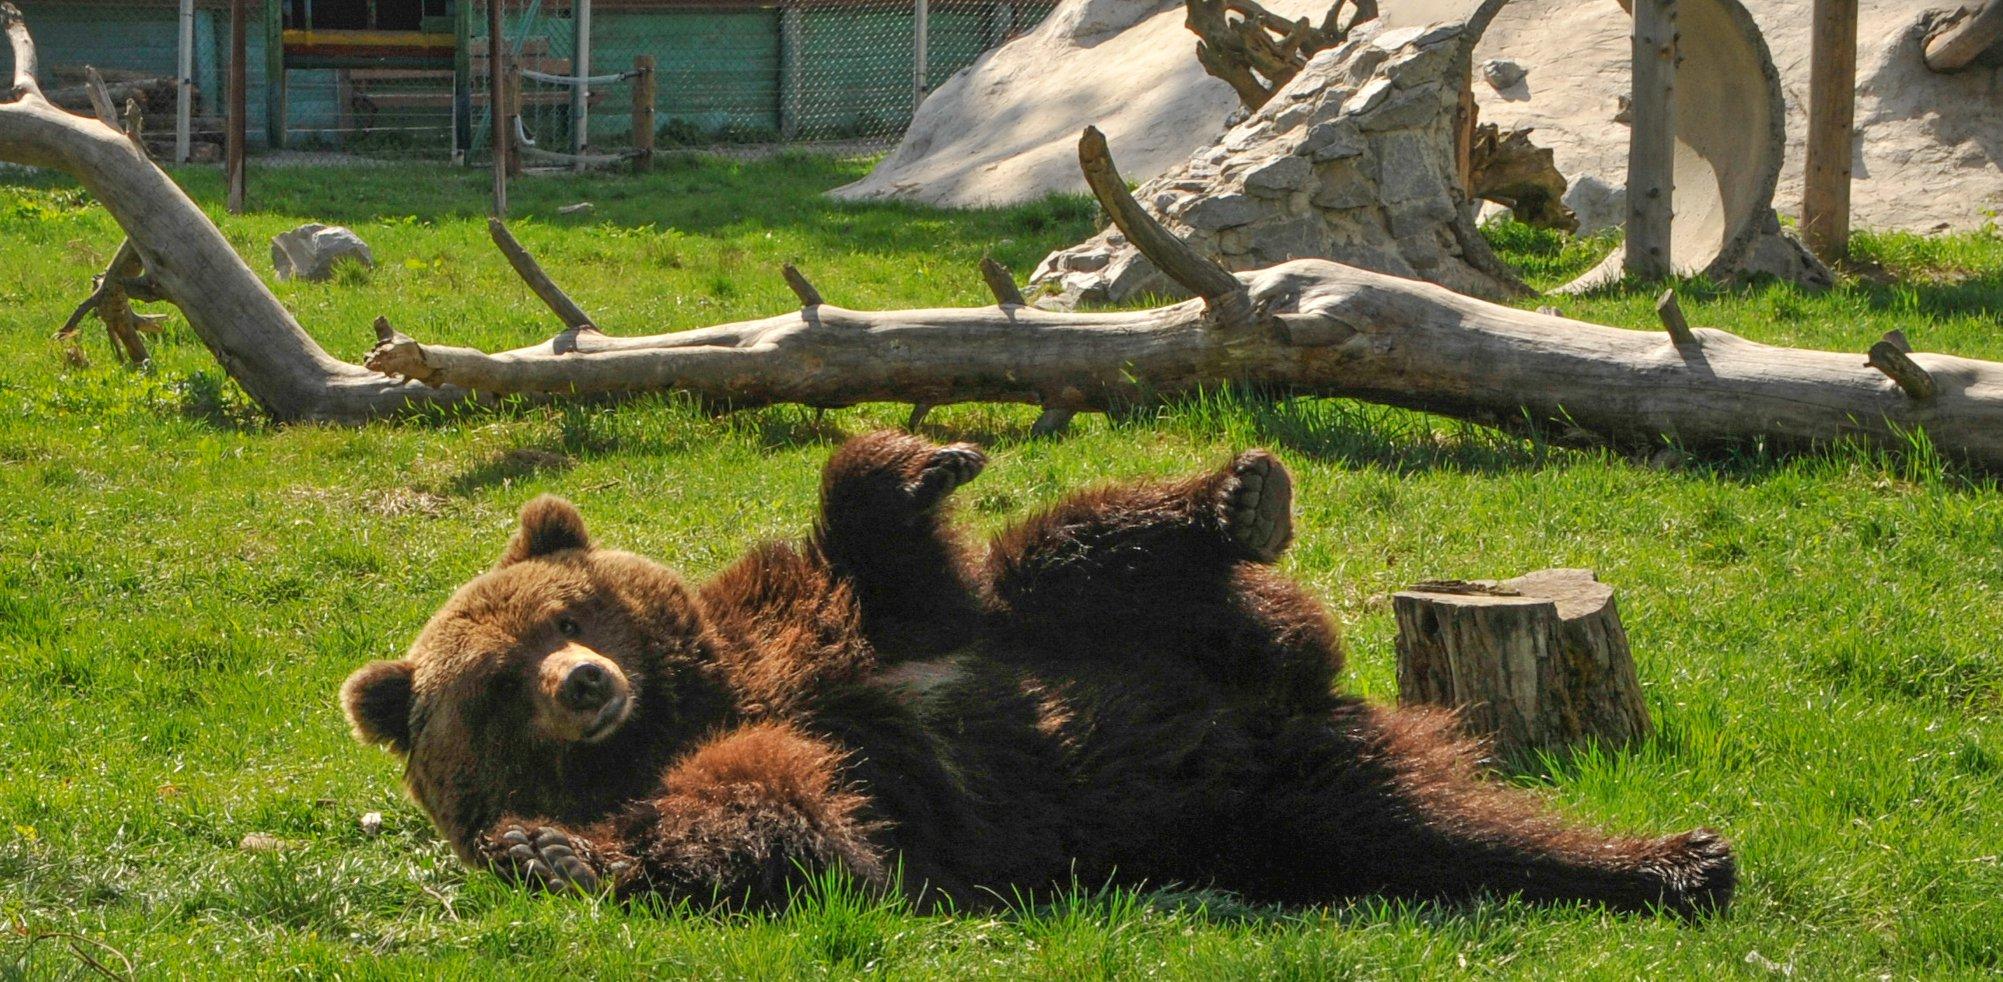 Звіт за допомогу притулку для ведмедів «Біла Скеля»